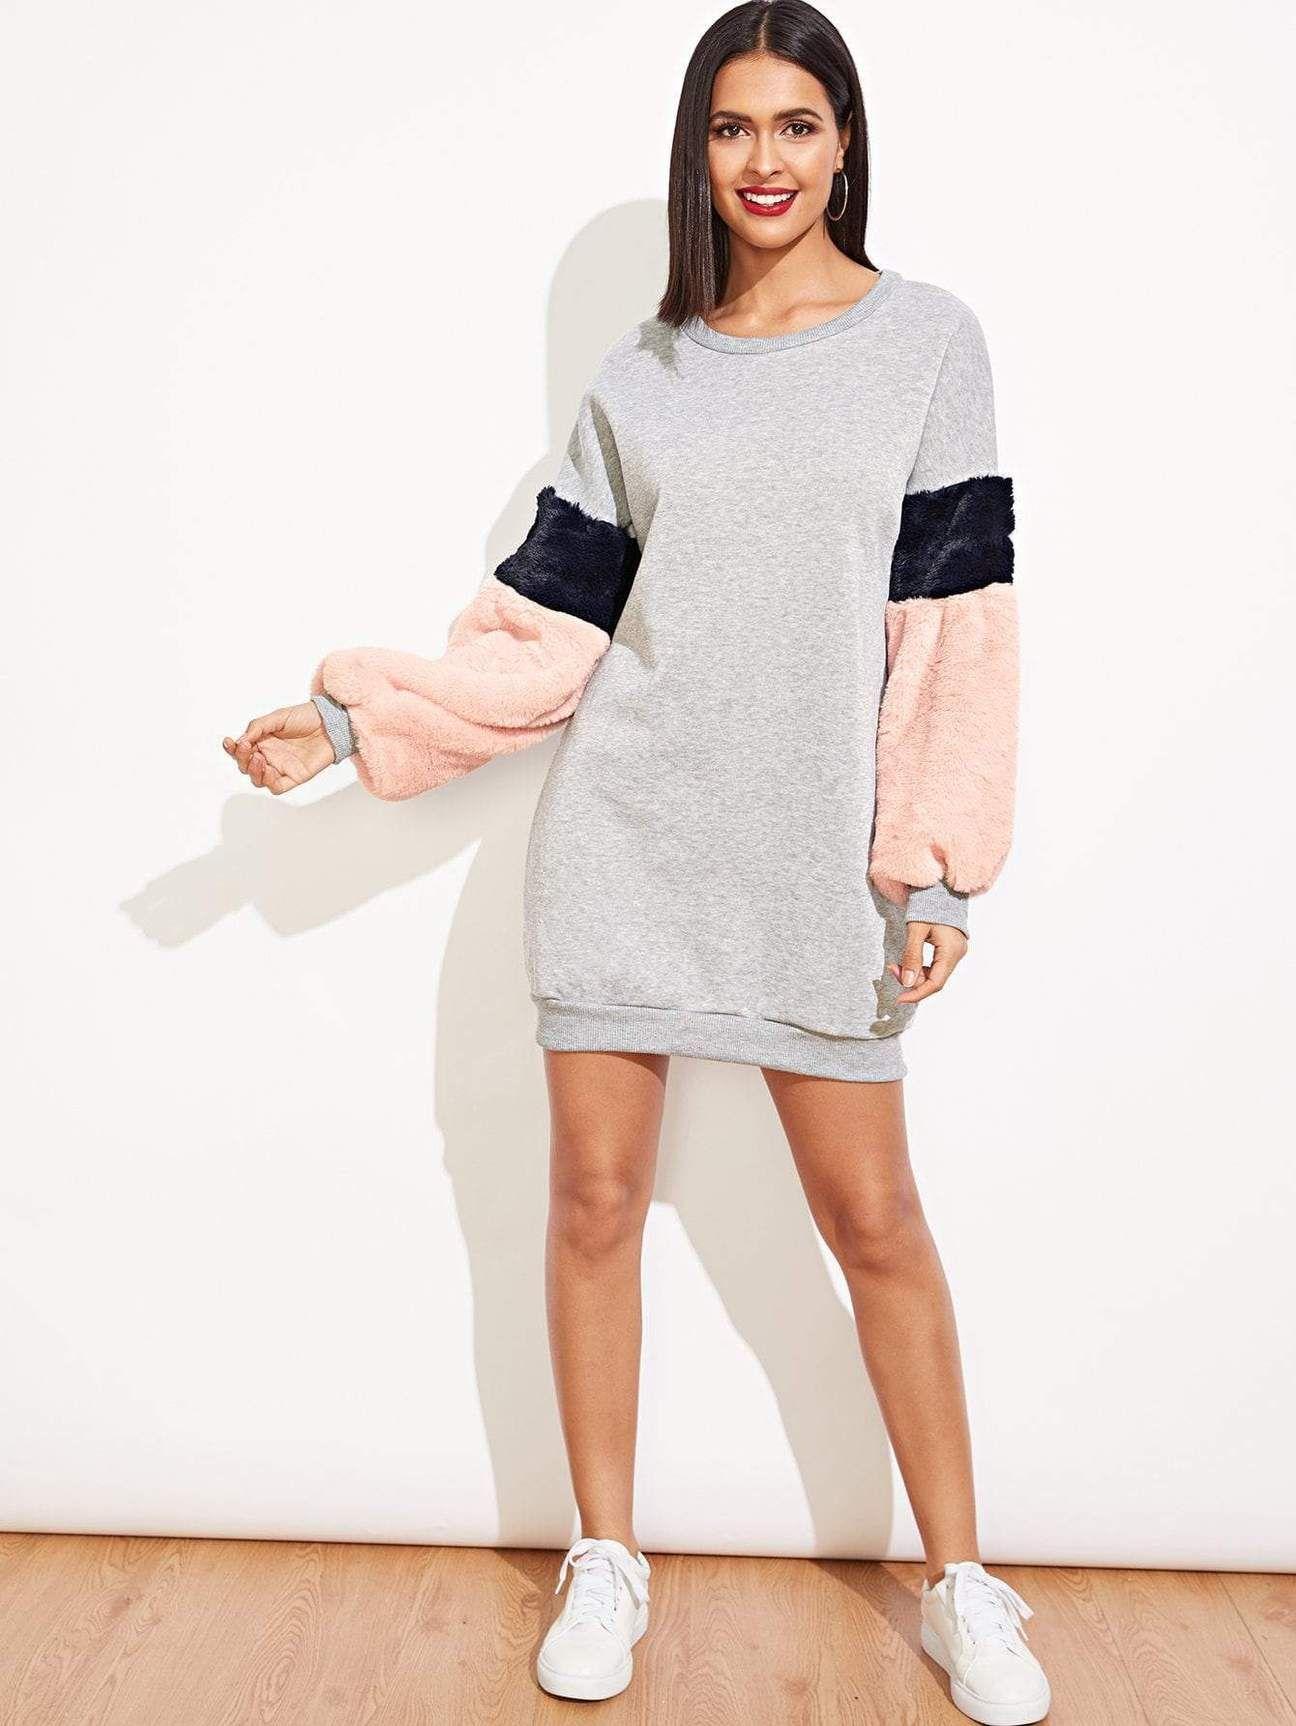 Compra Ropa Para Mujer En Tallas Grandes Y Regulares Vendemos Tal Por Mayor Con Los Mejores Precios Del Mercado Vestid Vestido Camiseta Sudadera Vestido Ropa